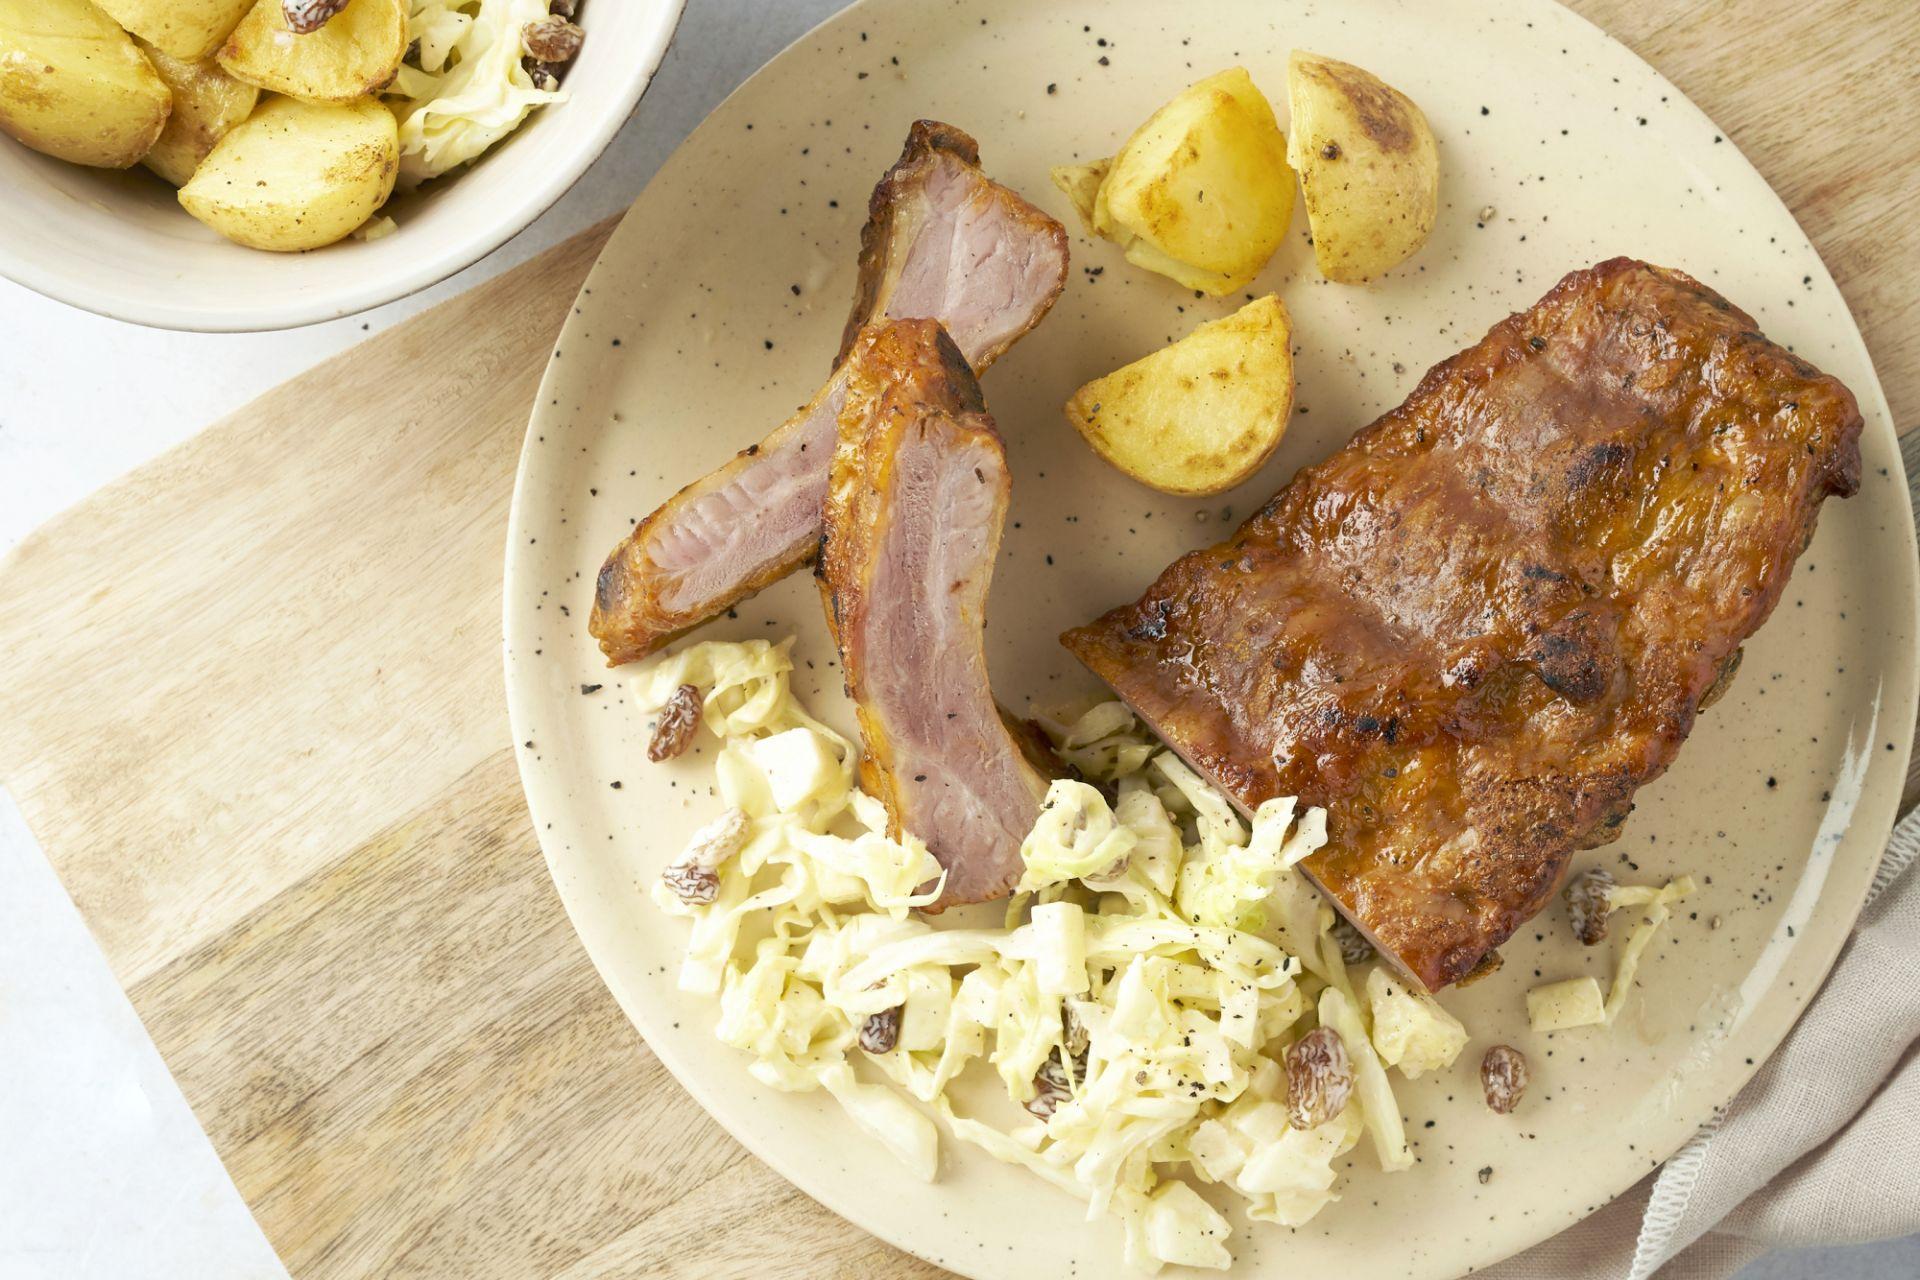 BBQ ribbetjes met coleslaw en gebakken aardappelen